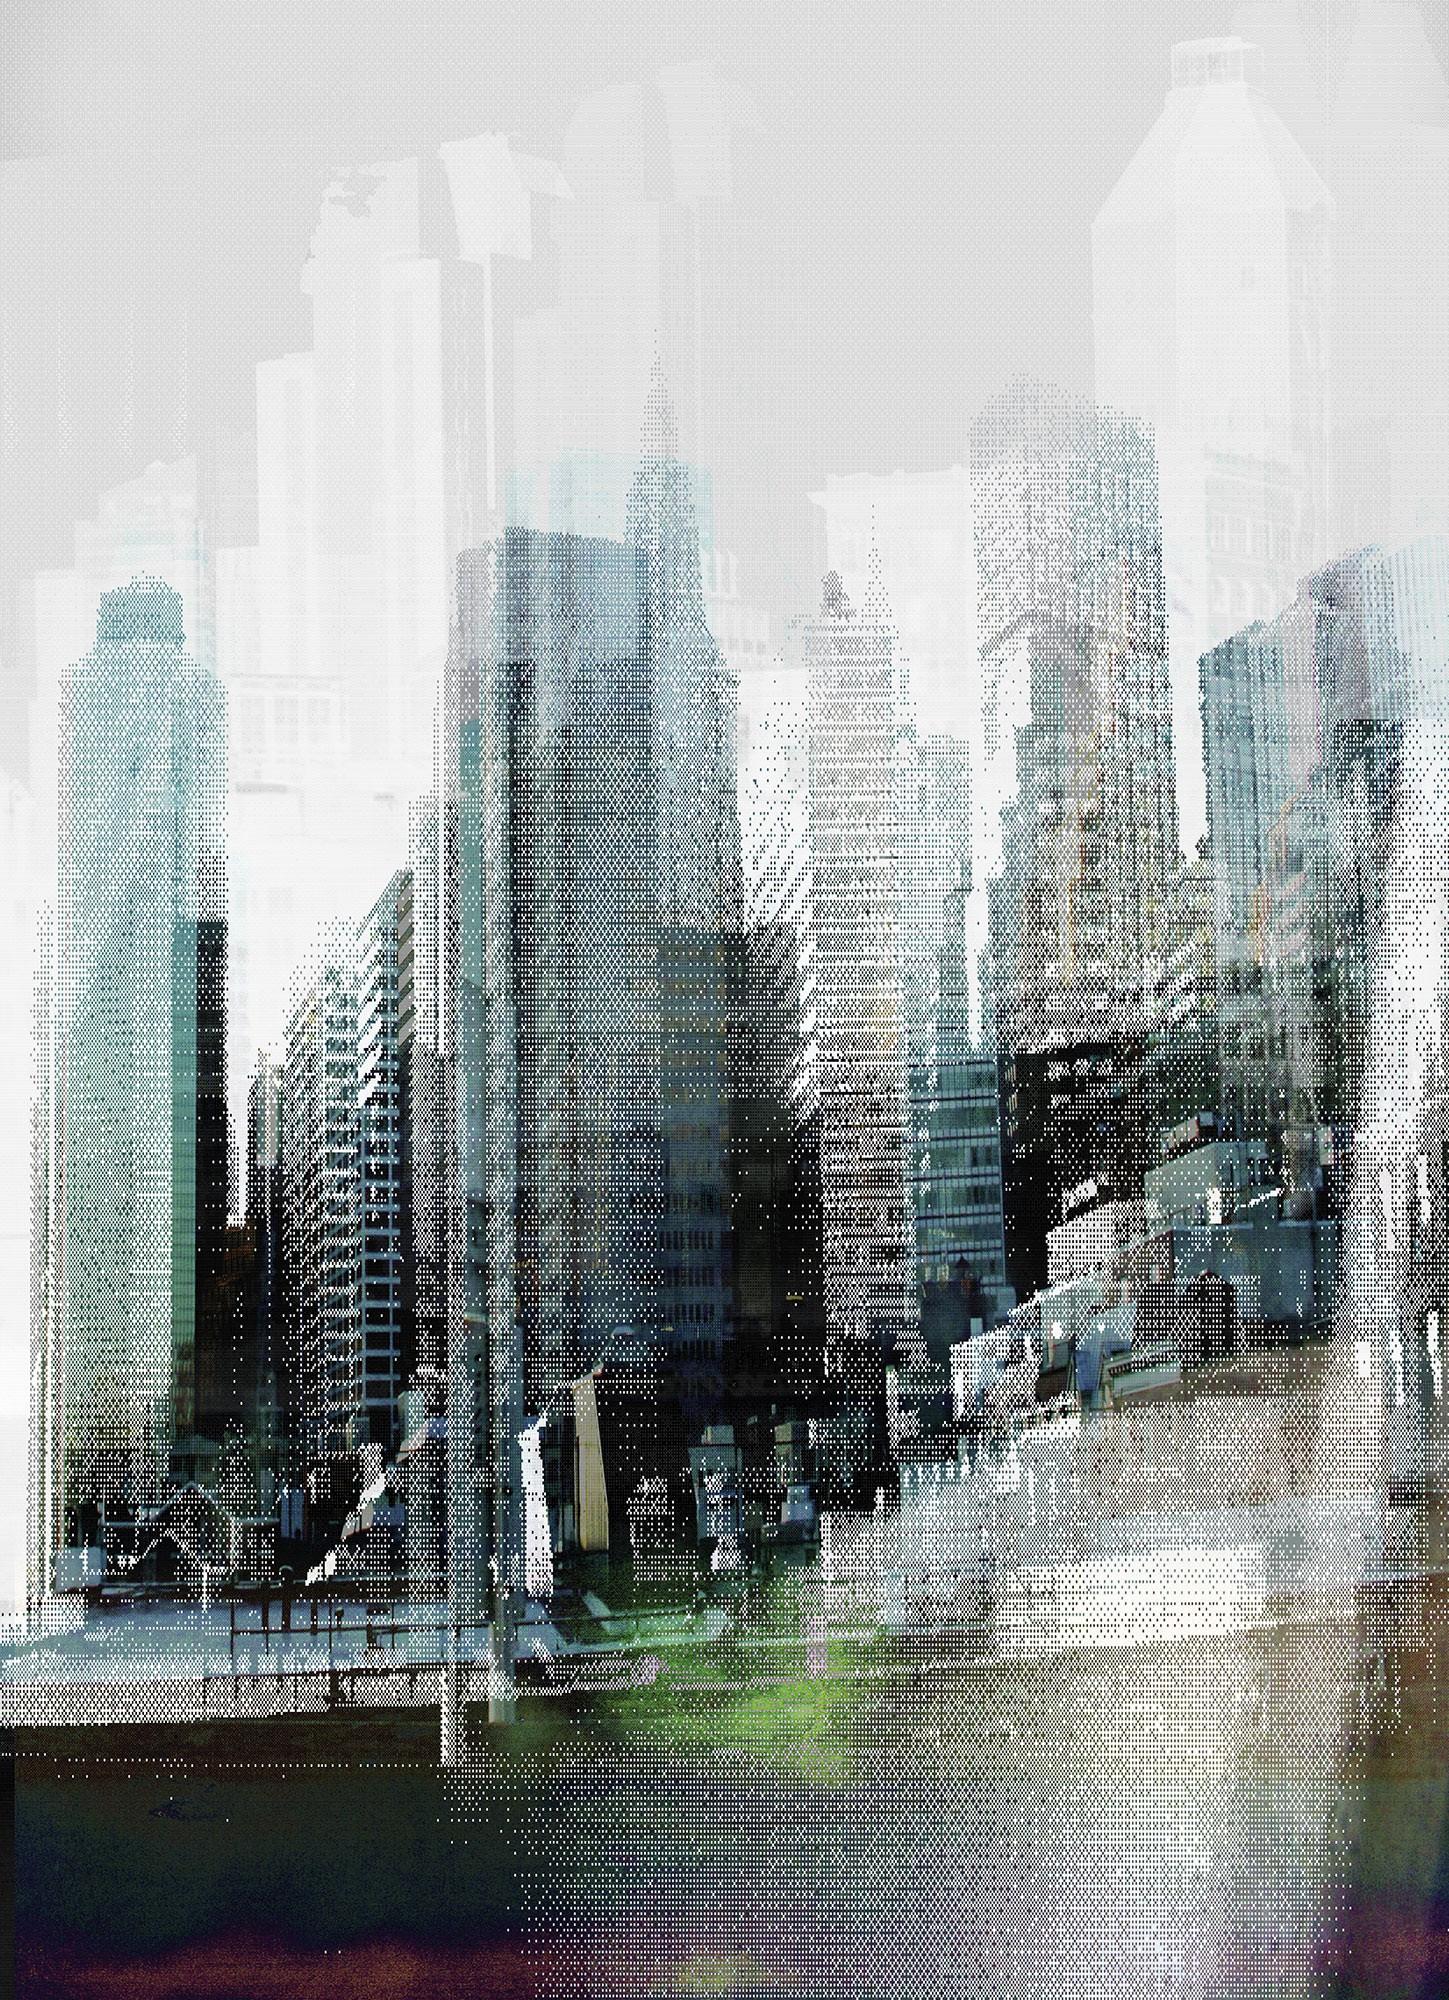 Hűvös városi hangulat fali poszter